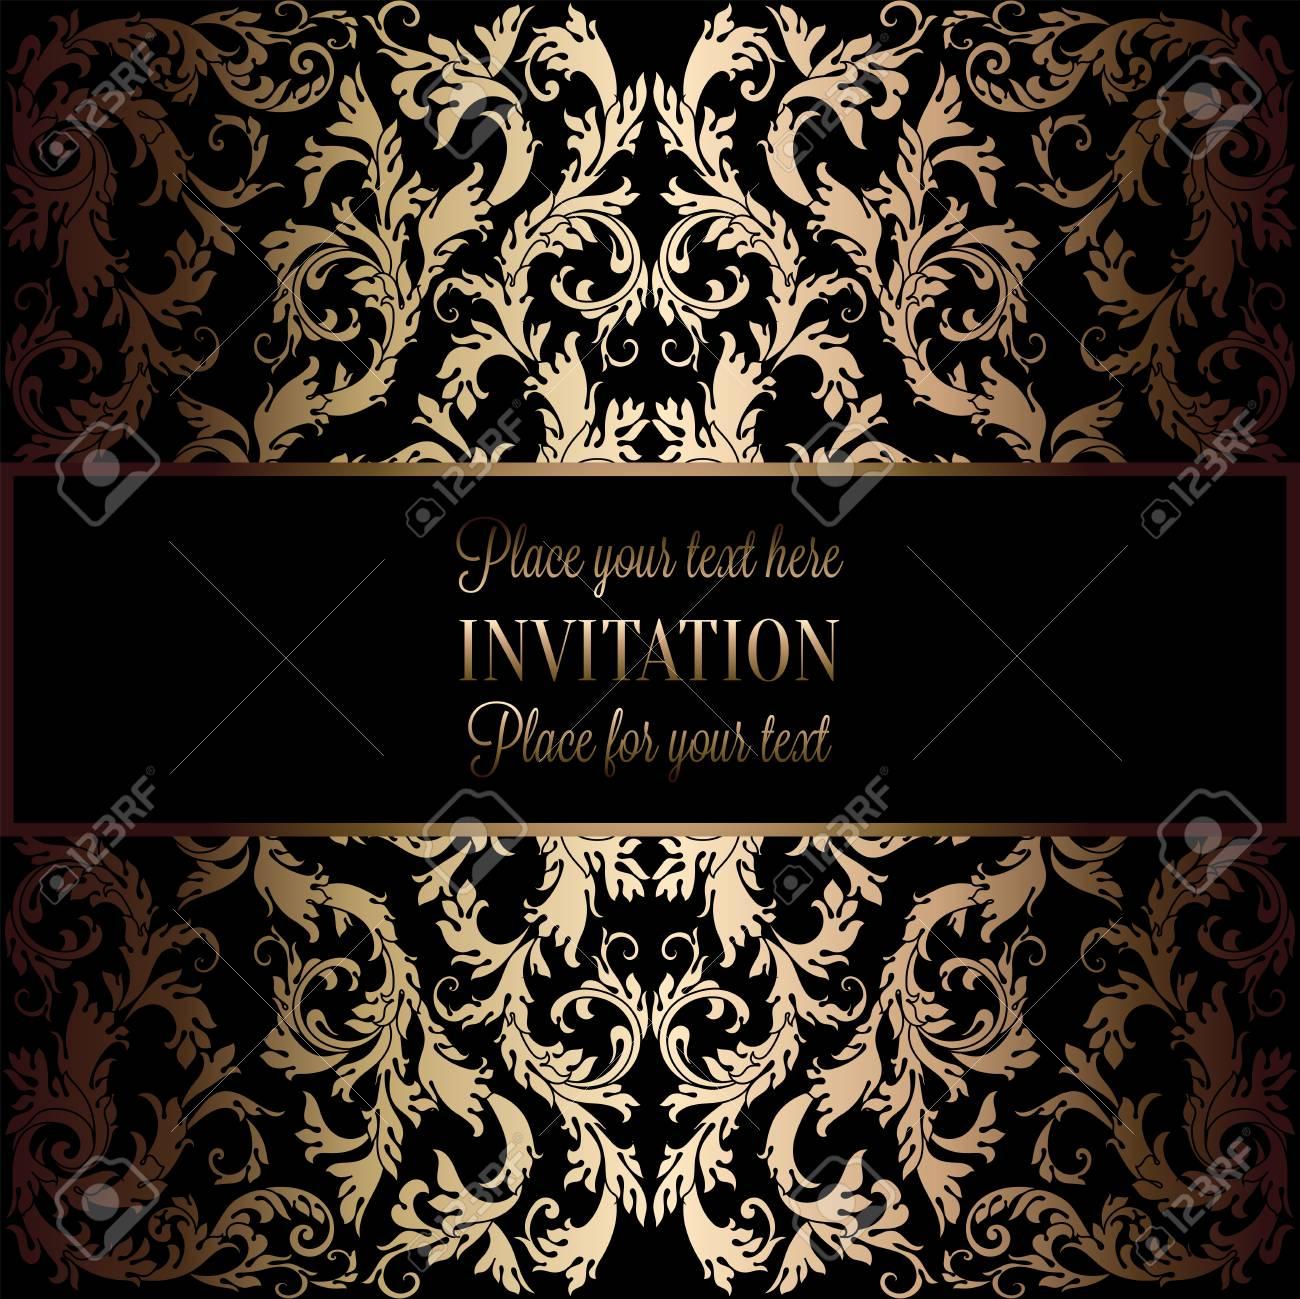 resume de fond avec antique noir de luxe et or frame vintage banniere victorian damasse florale ornements de papier peint carte d invitation